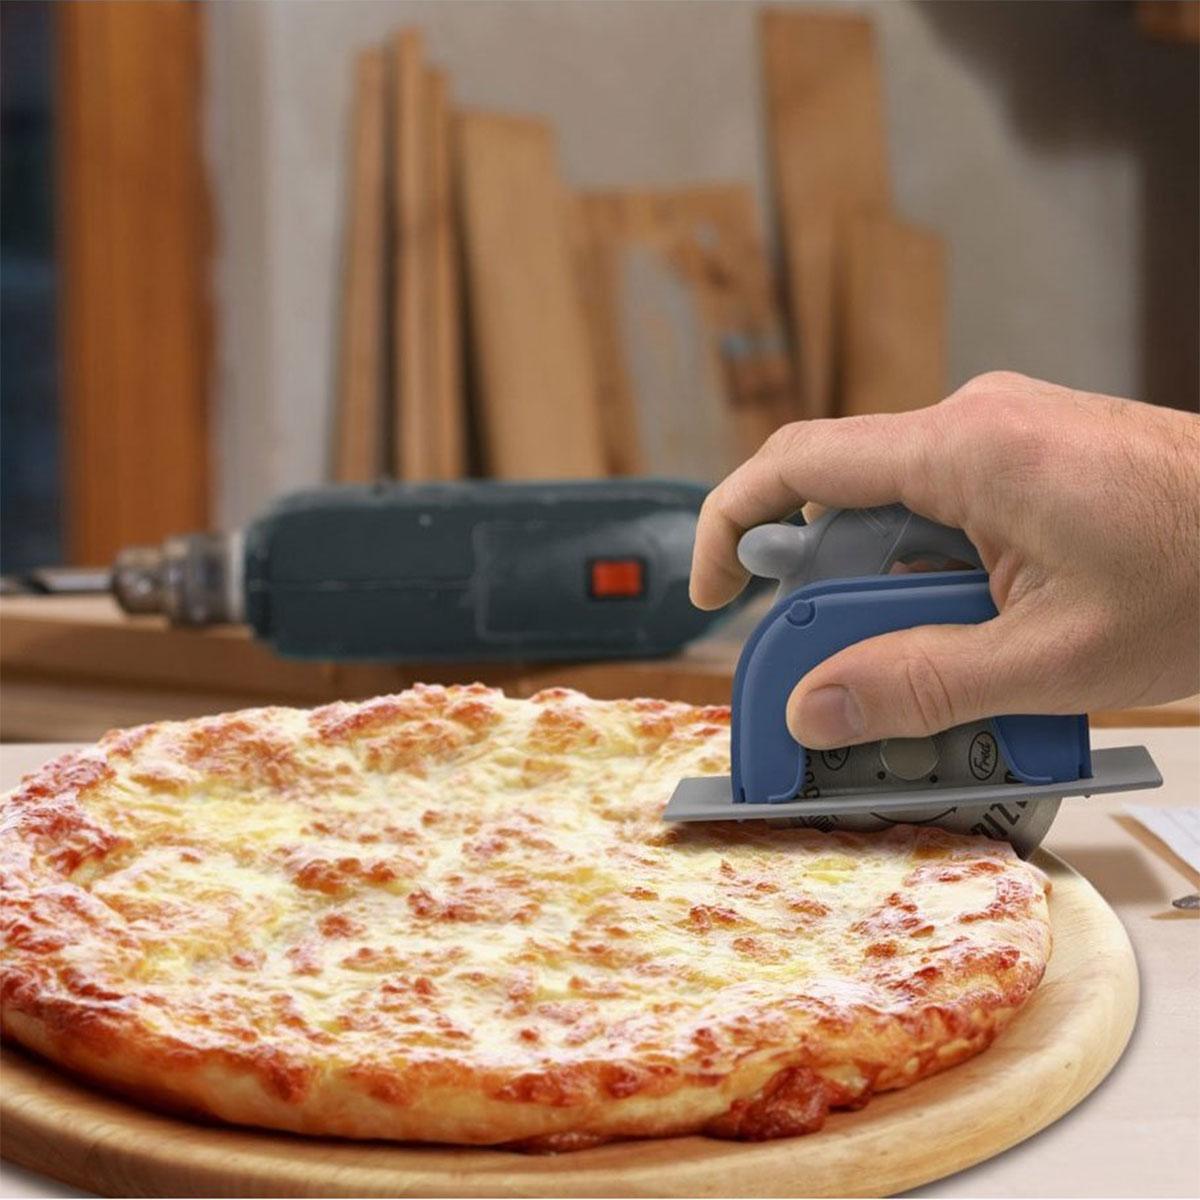 Pizzaschneider in Kreissägenform